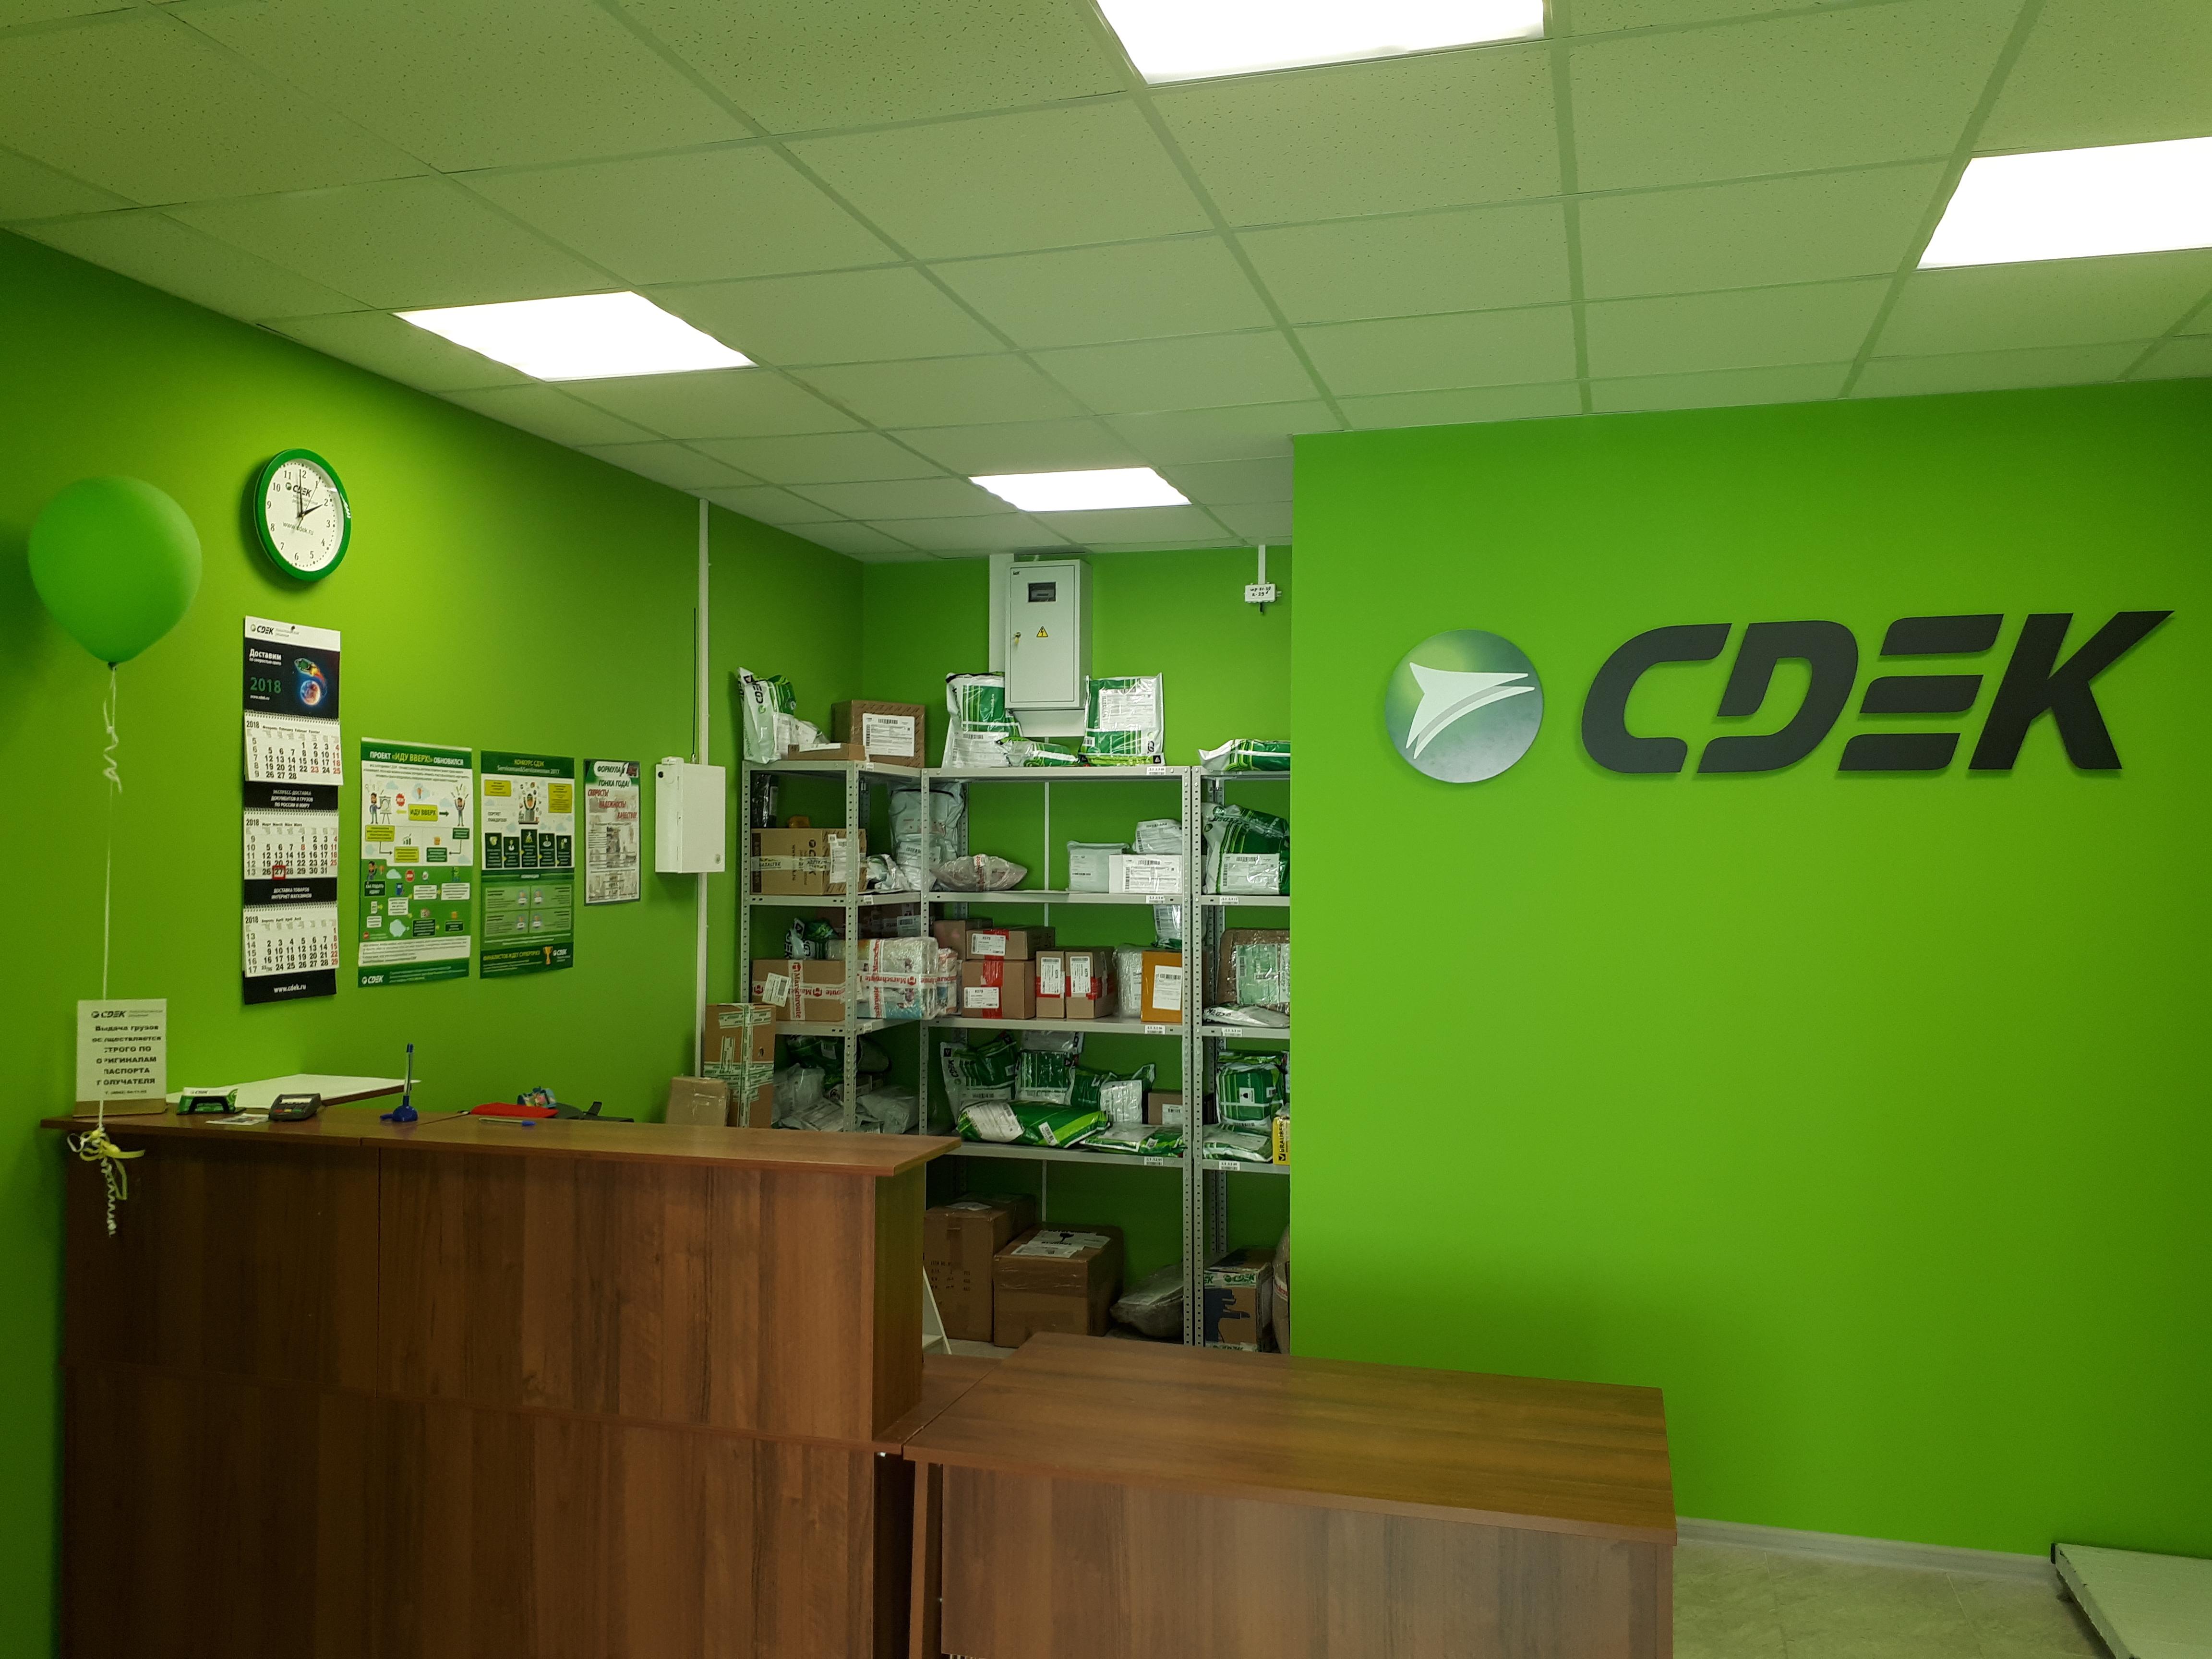 Сдэк (cdek) транспортная компания, курьерская служба, логистические решения - что это такое?